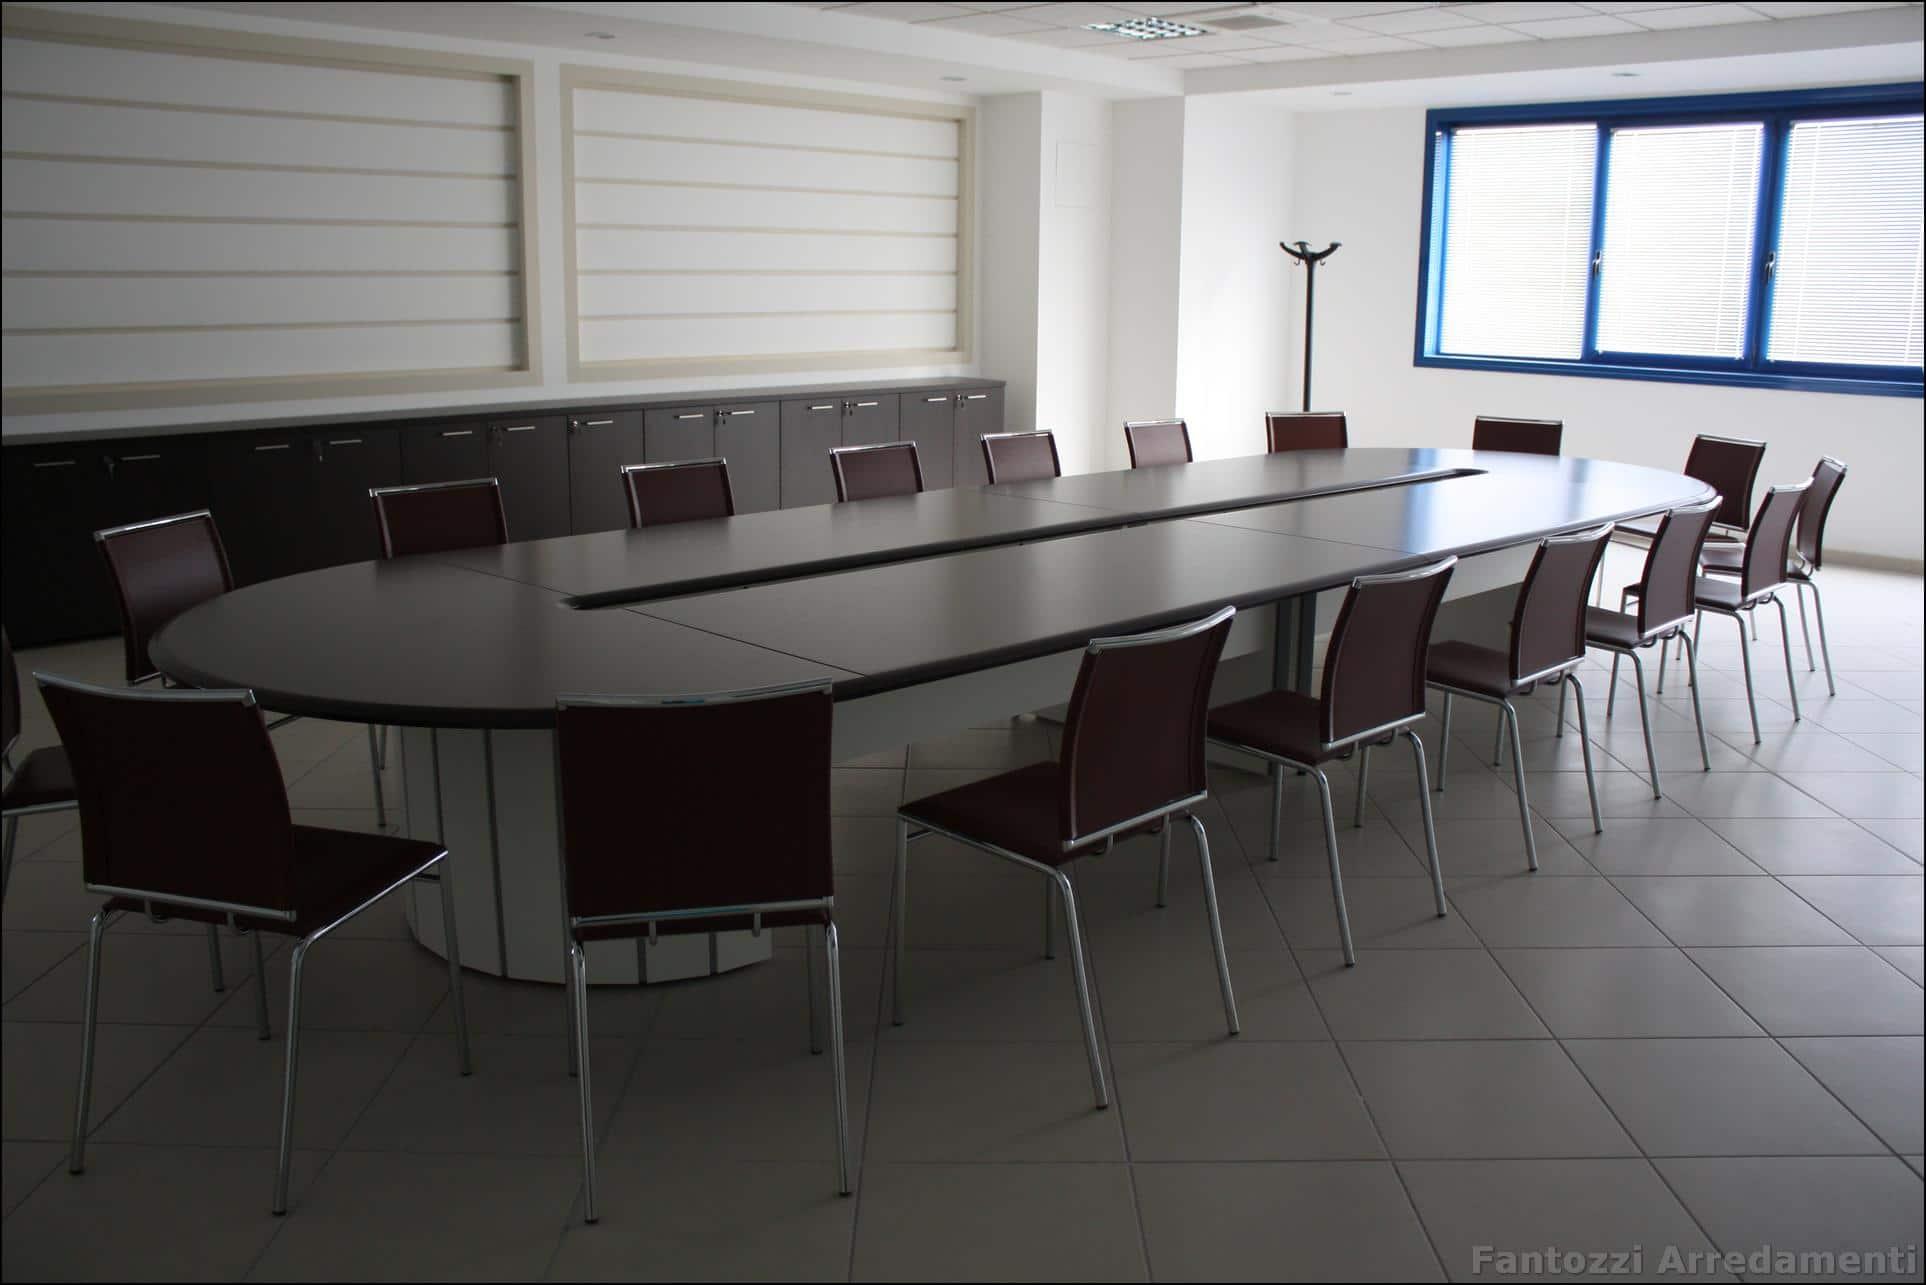 Arredo ufficio classico top gallery of arredo ufficio for Arredo ufficio economico